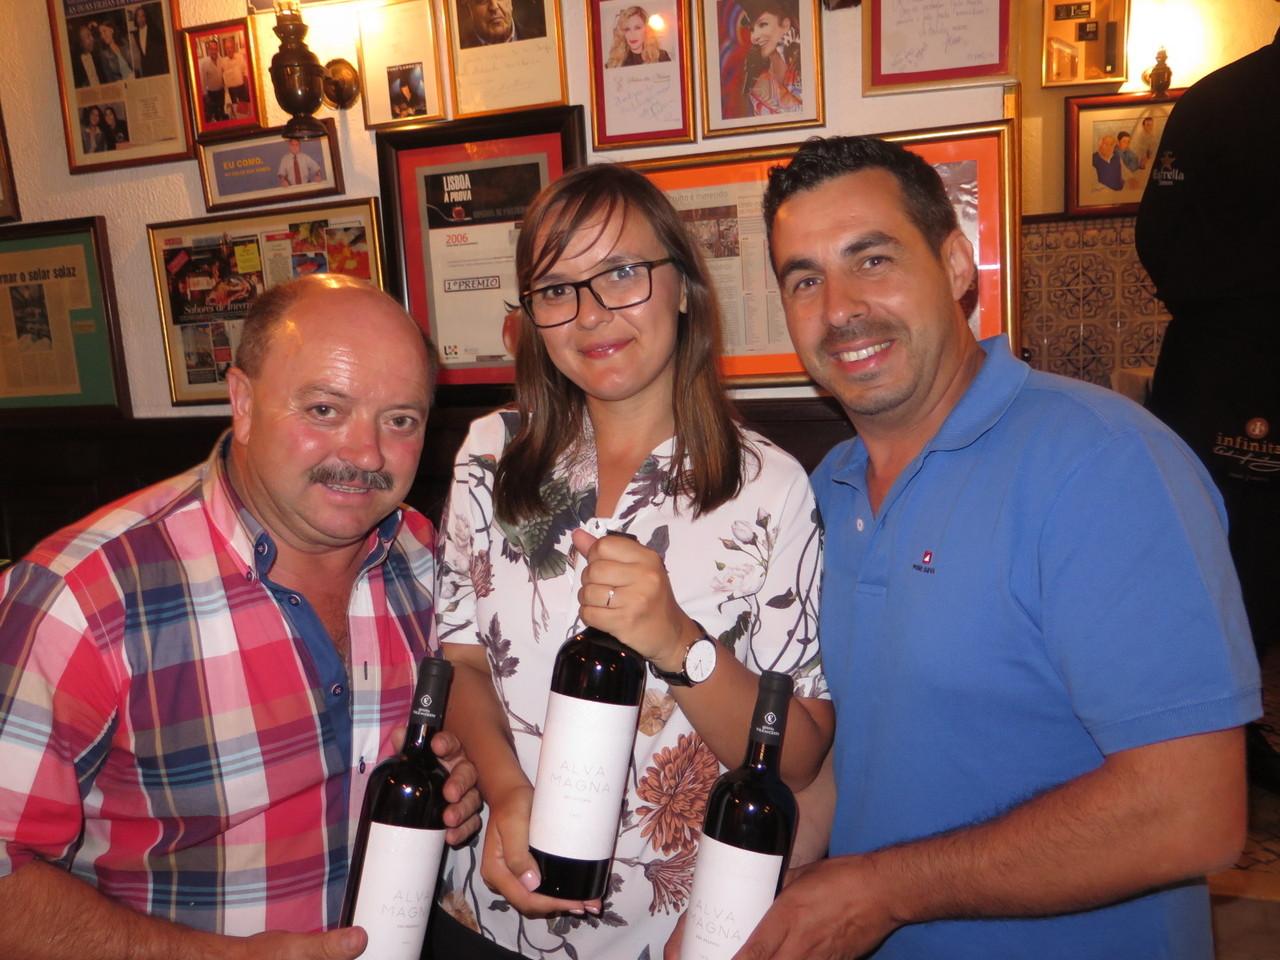 António e Patrícia Figueiredo com o enólogo António Pina